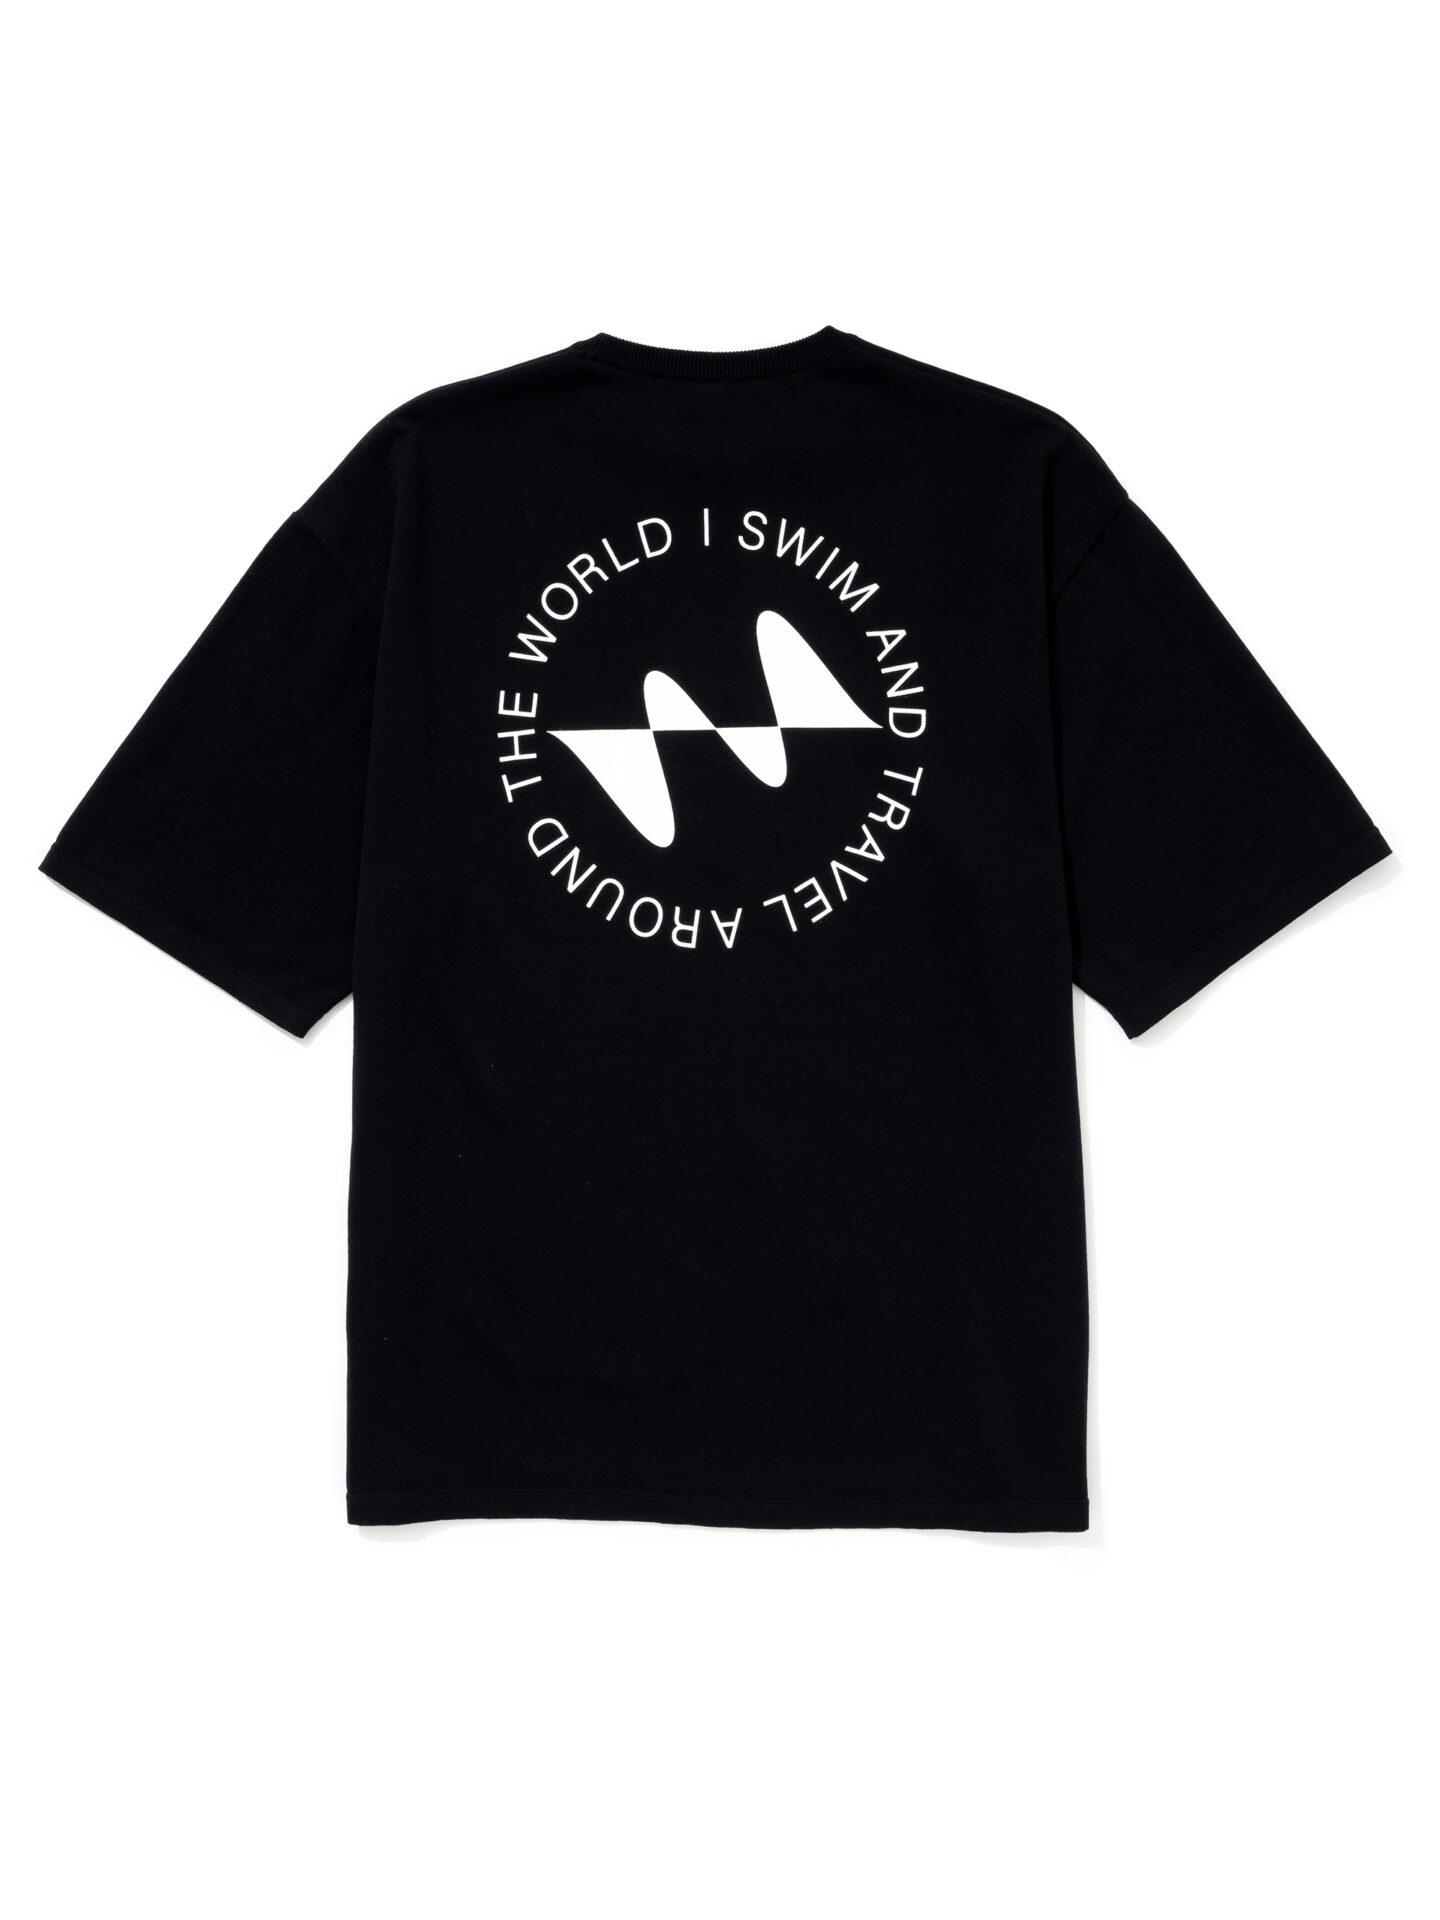 【超撥水】オーガニックコットン100%使用 最高級 I SWIMロゴ半袖Tシャツ -黒